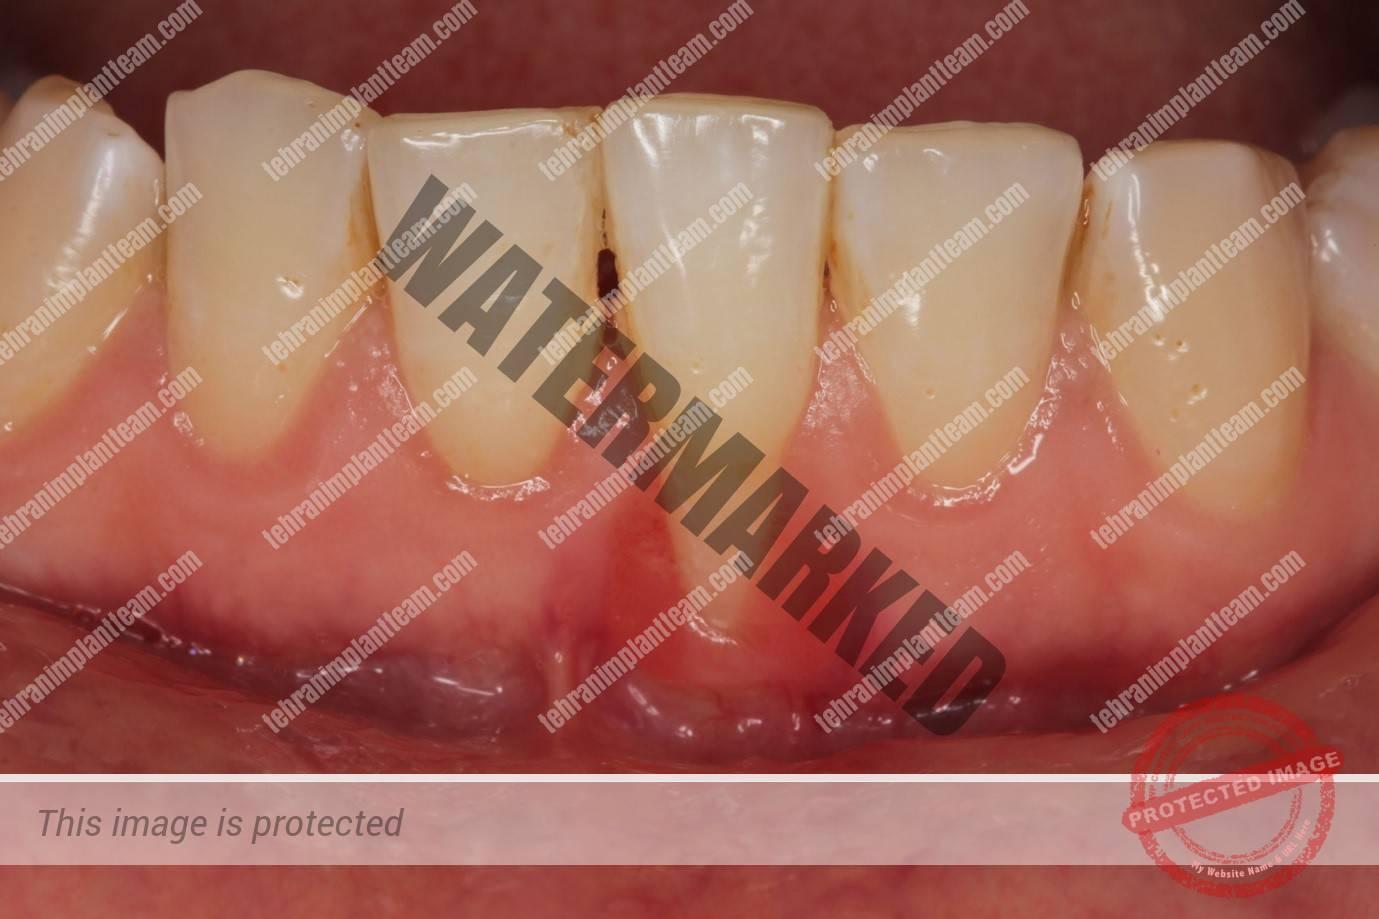 کاشت ایمپلنت دندان با وجود بیماری لثه